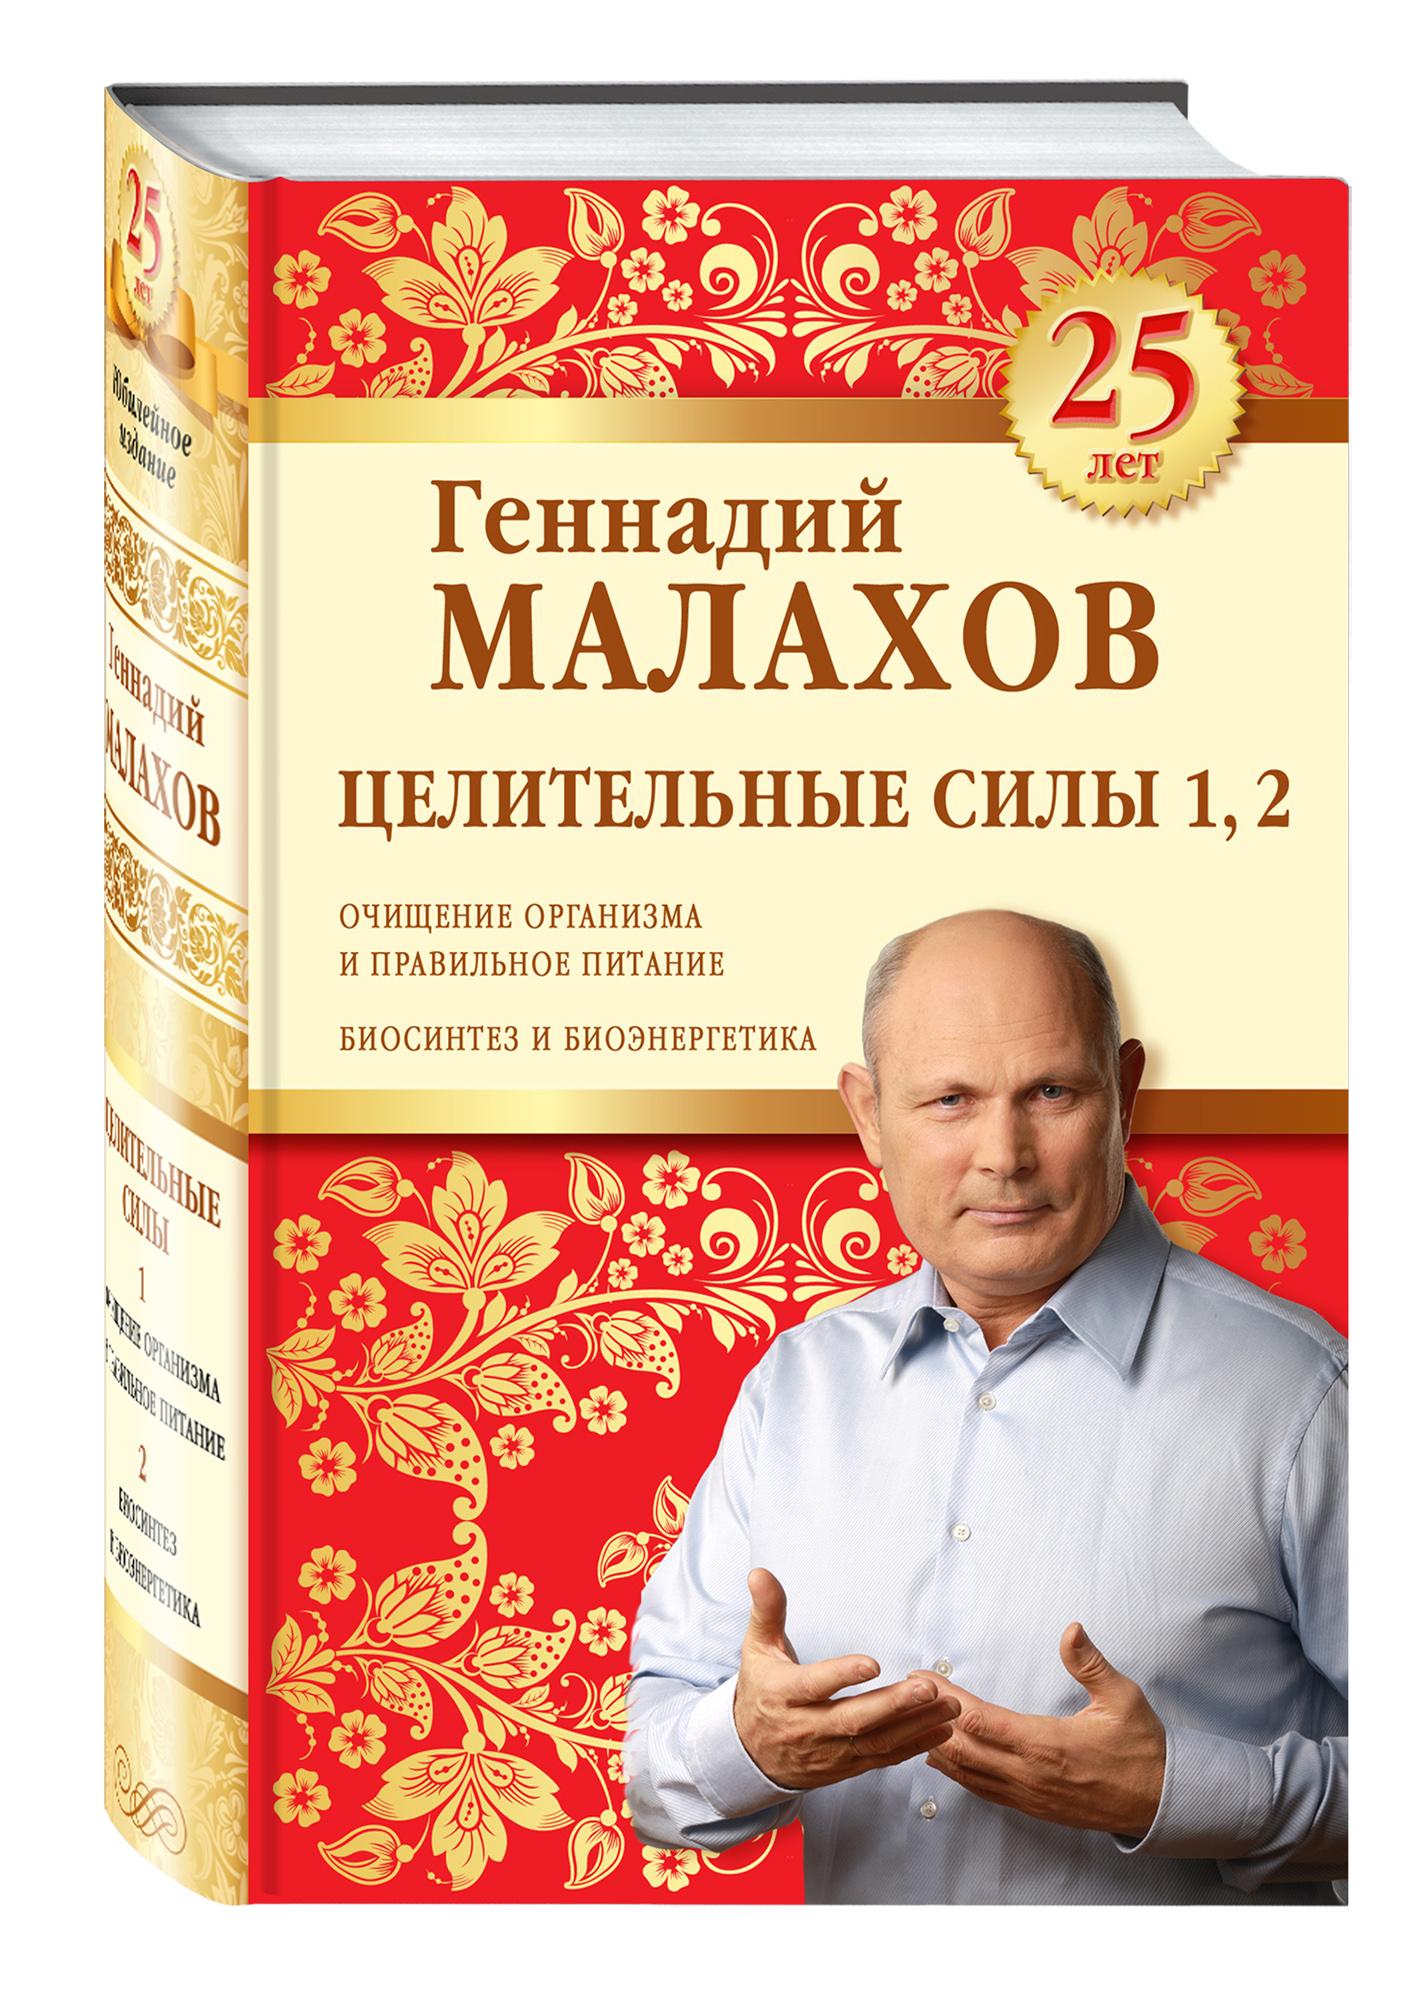 Геннадий Малахов Целительные силы 1,2. Юбилейное издание